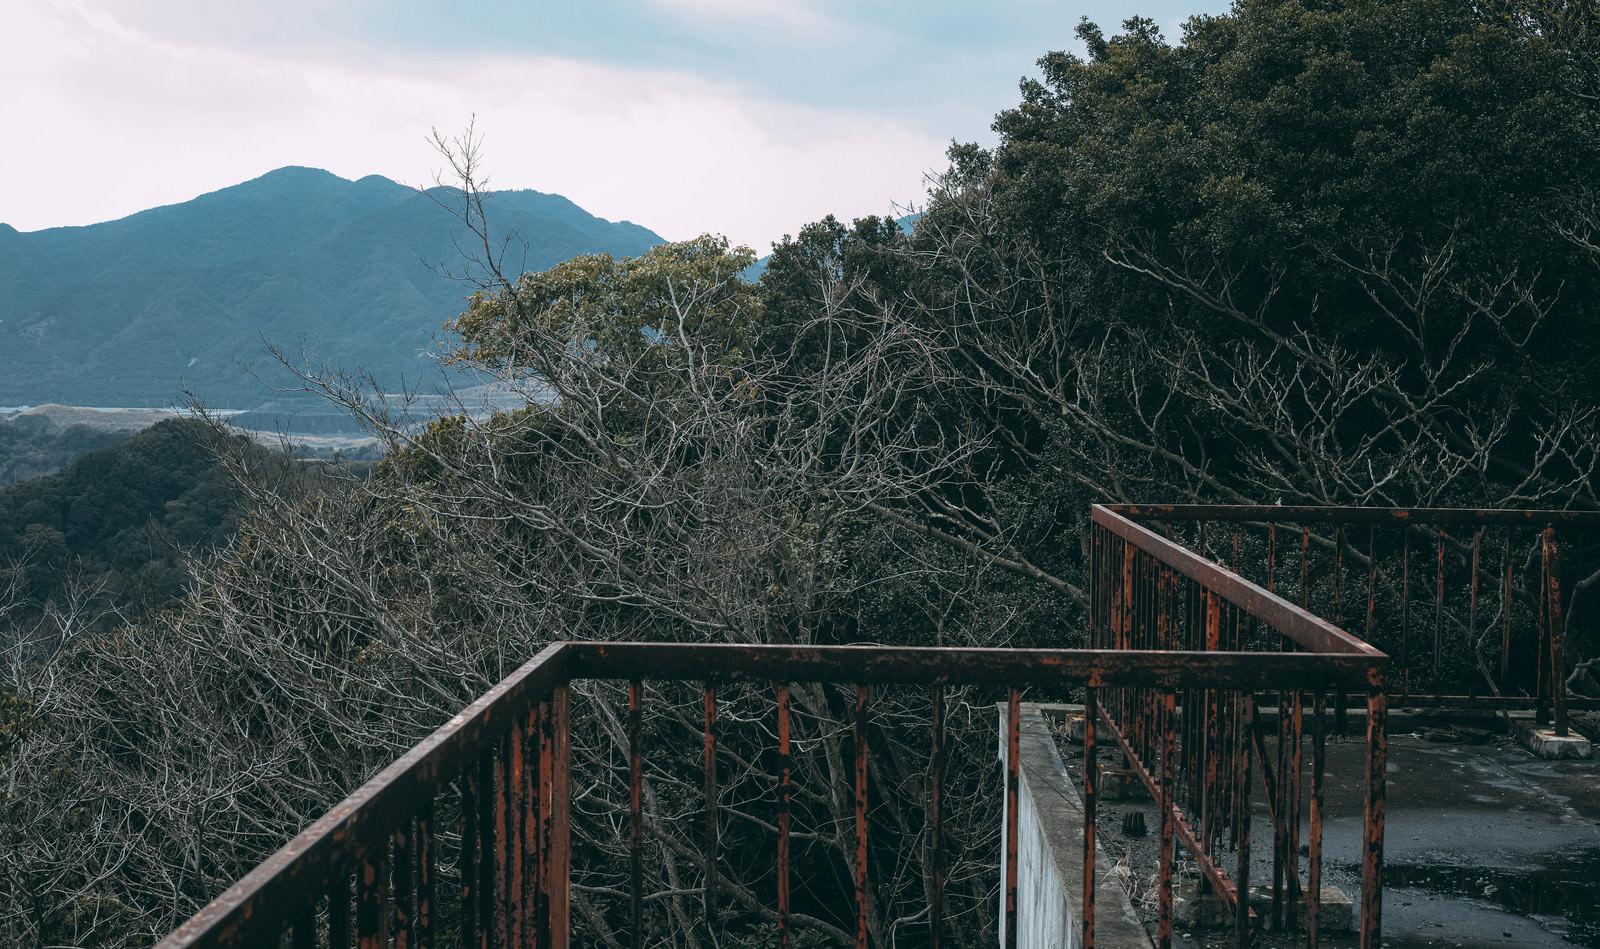 「壊れゆく鉄柵と屋上」の写真